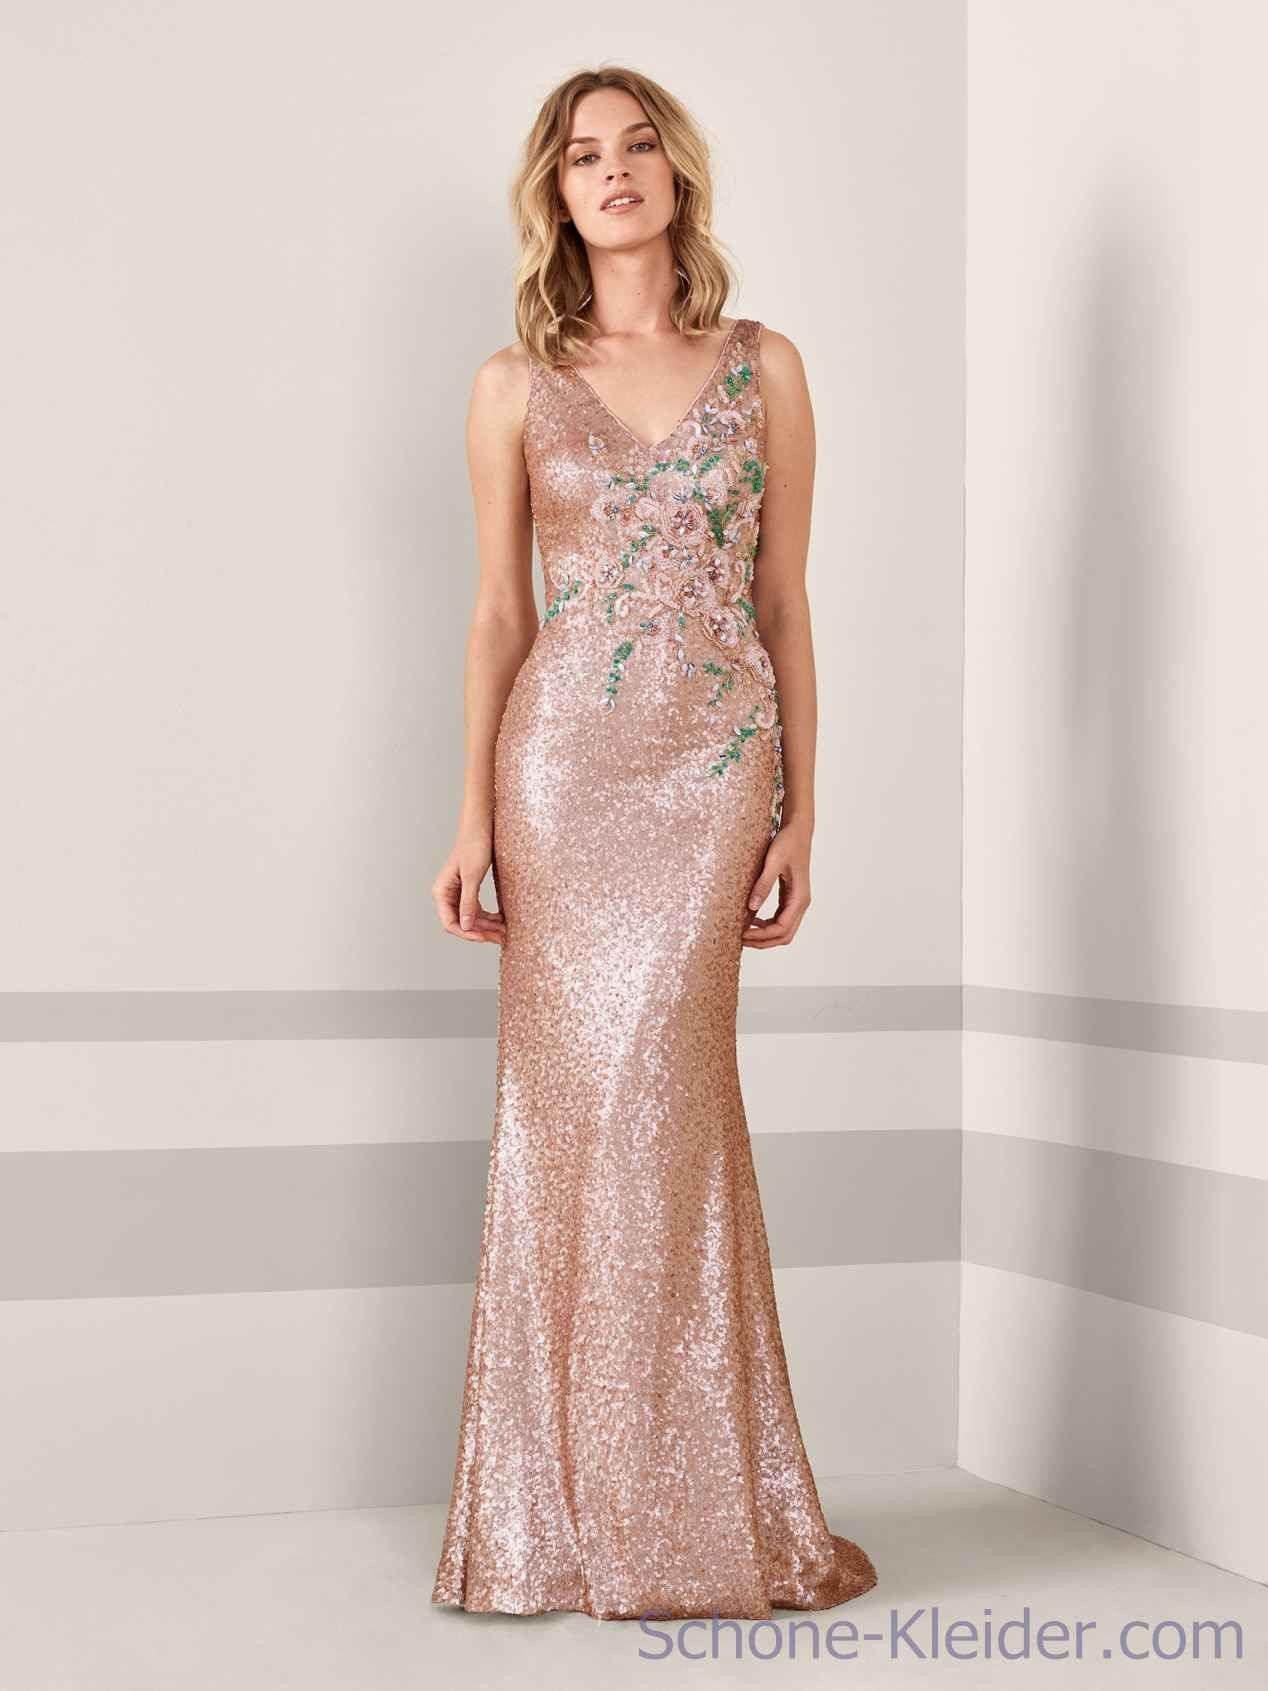 Abend Einfach Abendkleider Trend 2019 für 201910 Schön Abendkleider Trend 2019 Stylish